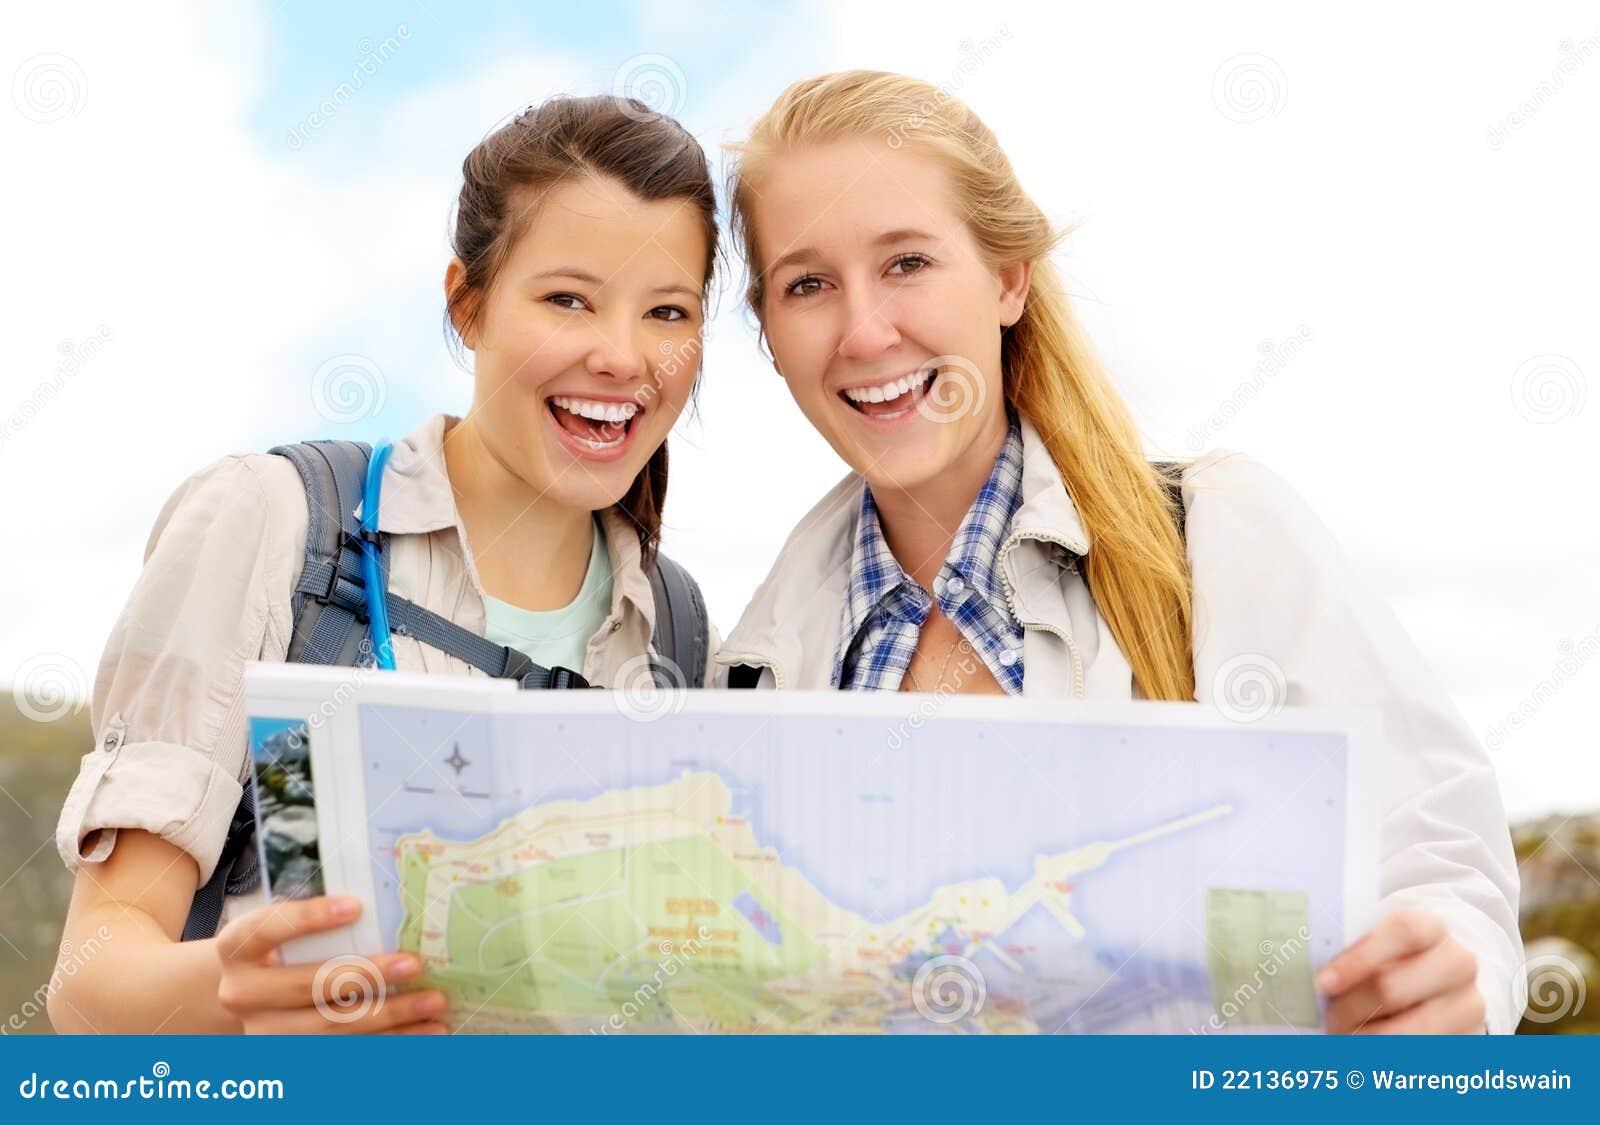 Gesunde glückliche junge Frauen